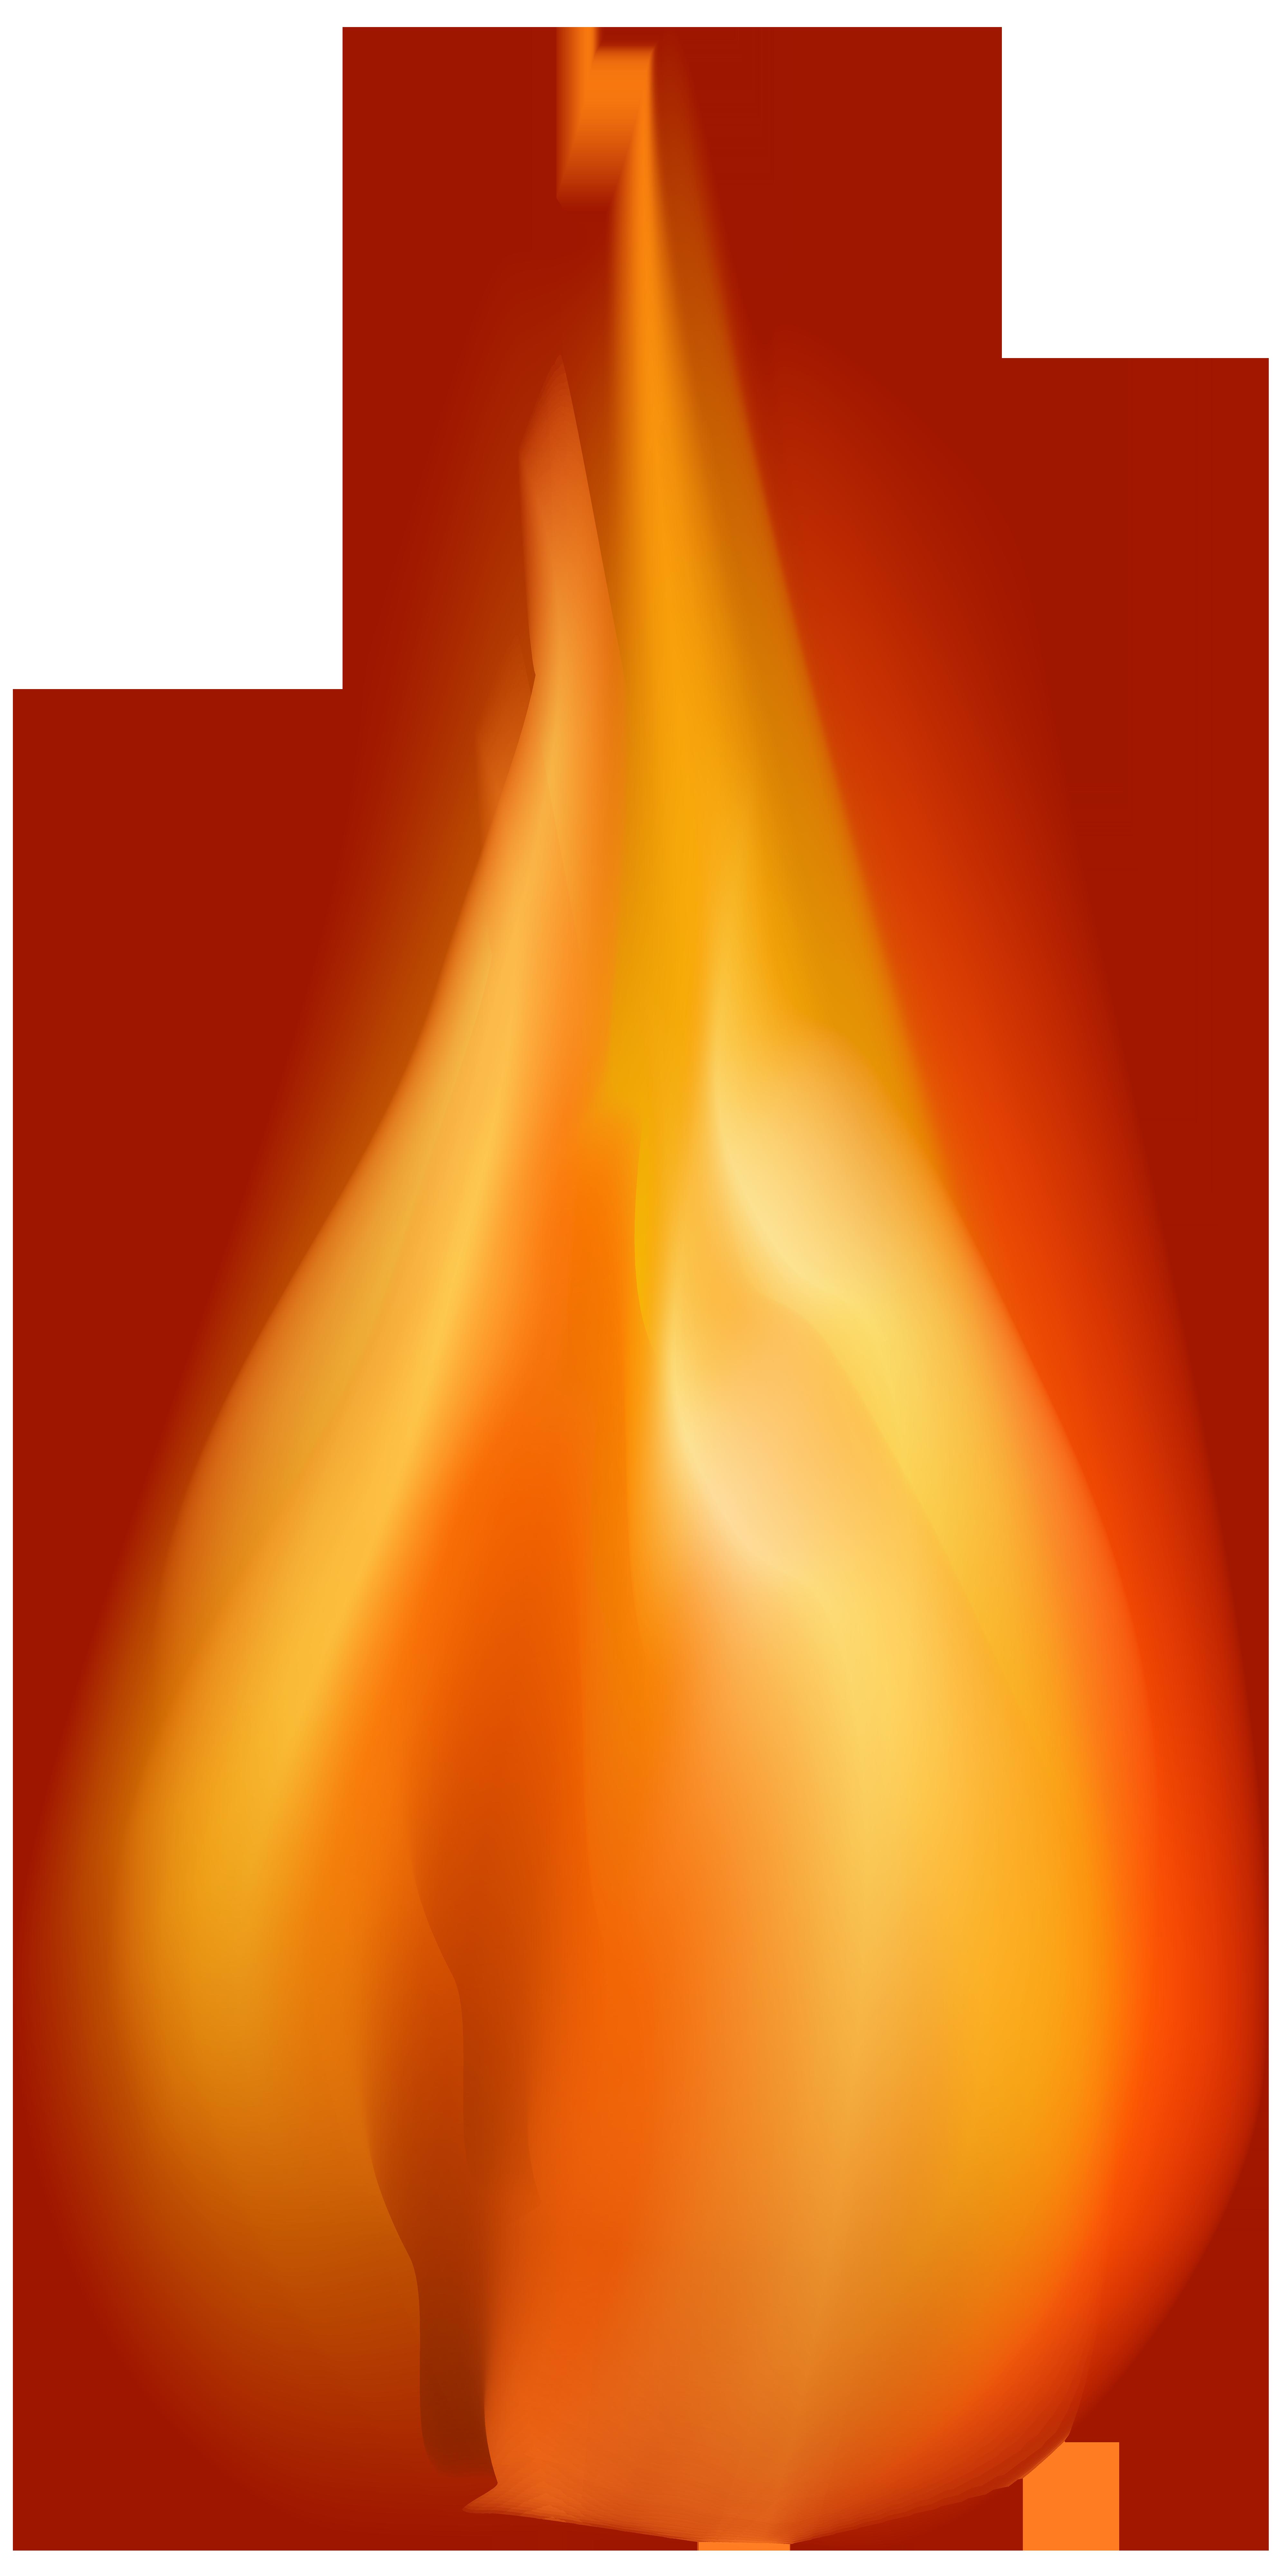 Png transparent clip art. Clipart fire flame